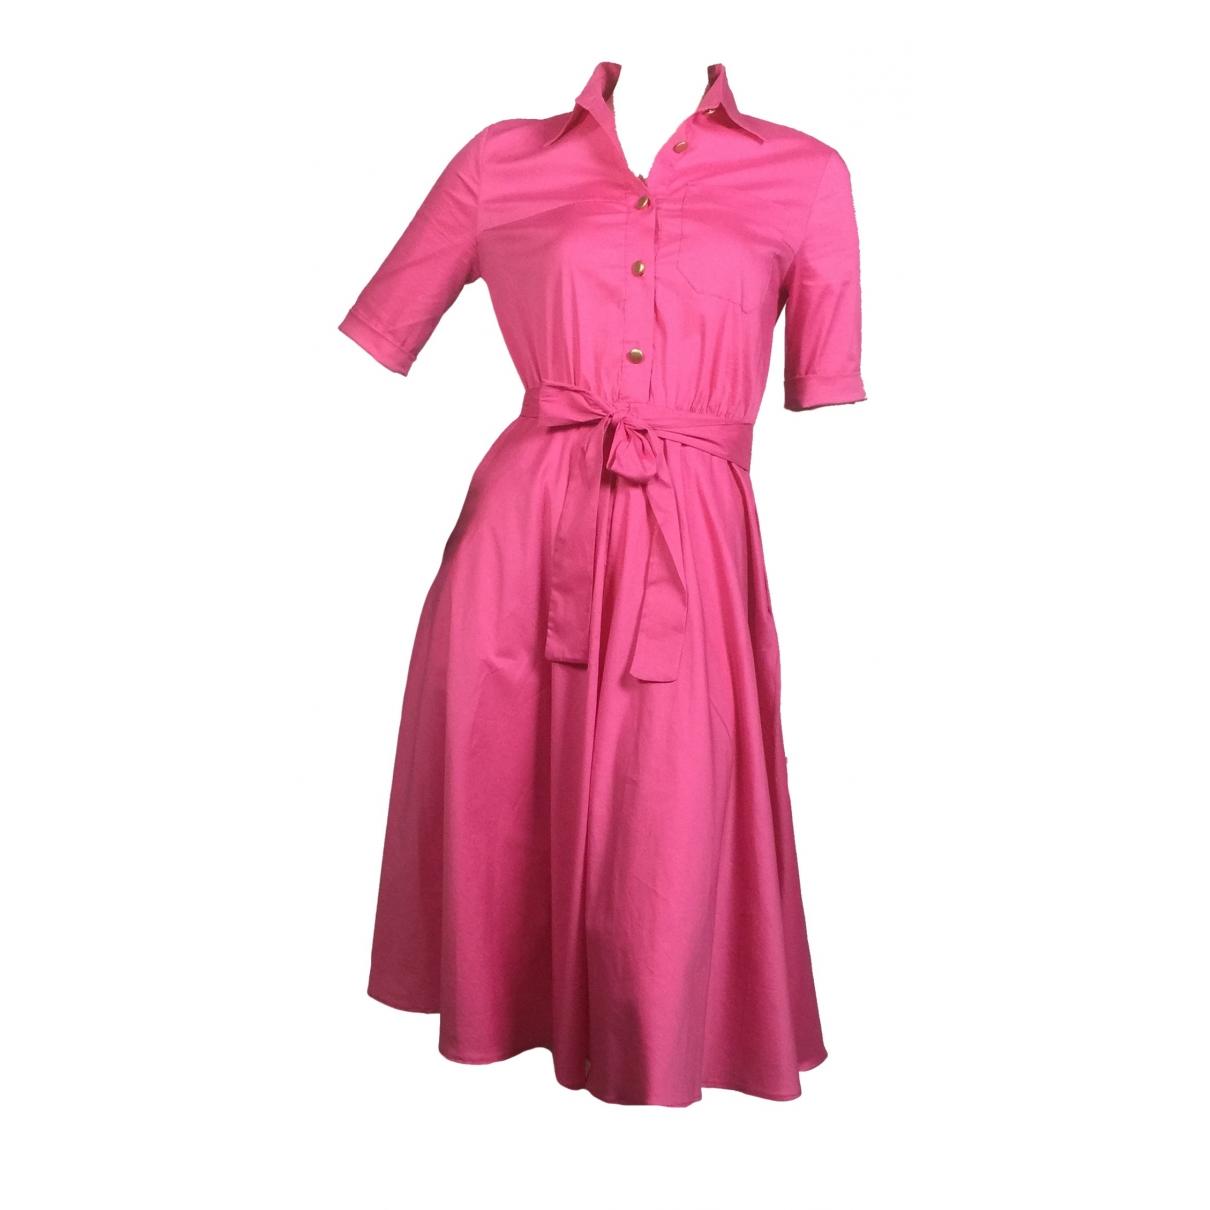 Imperial \N Kleid in  Rosa Baumwolle